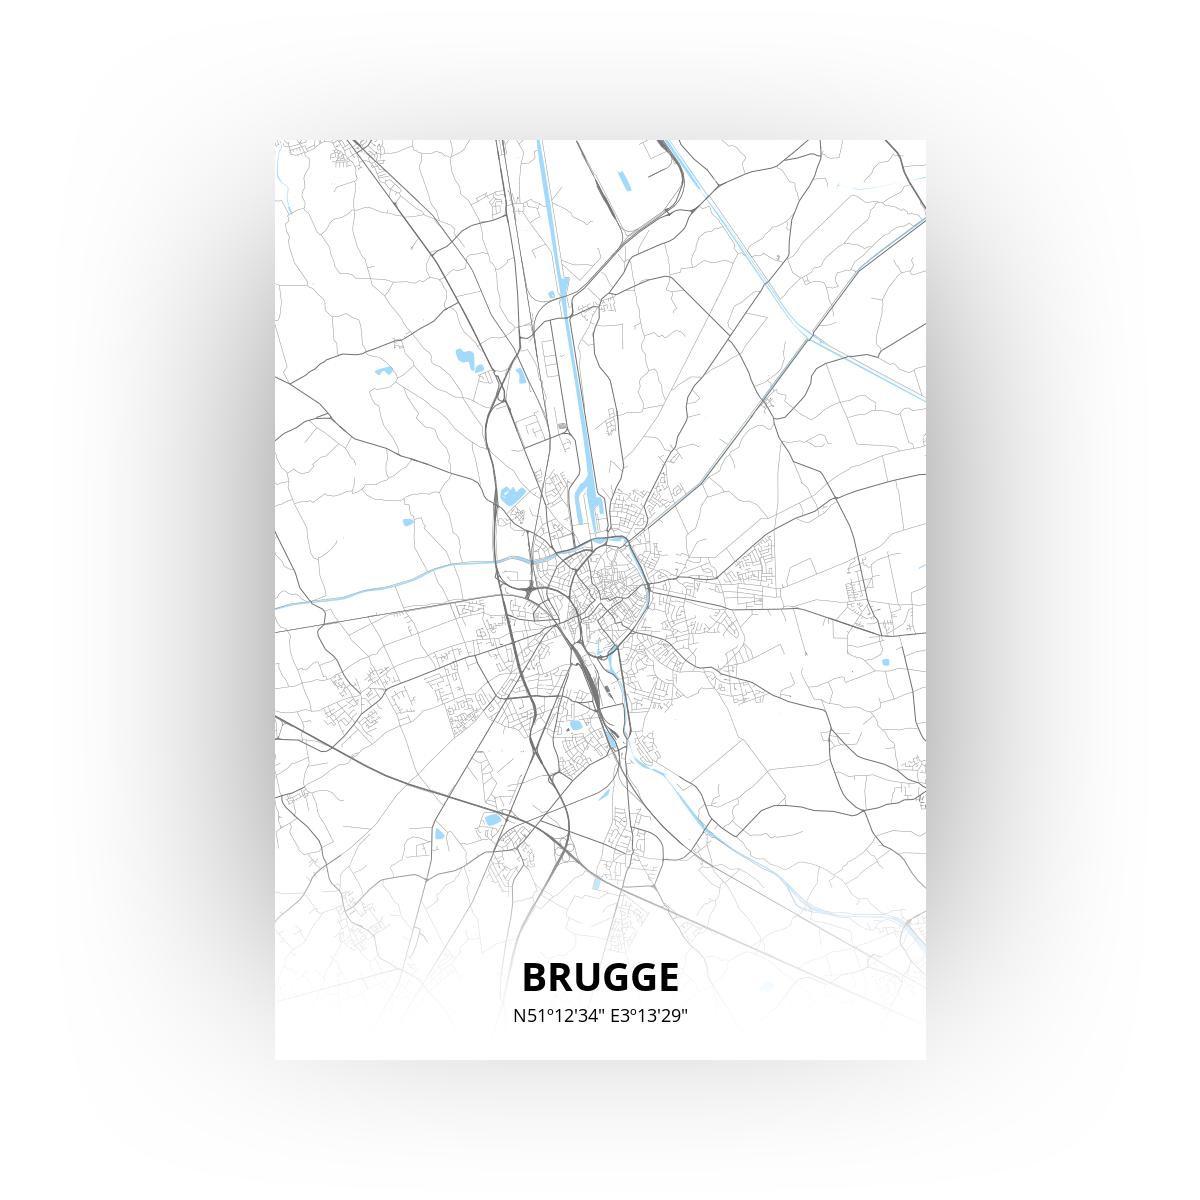 Brugge poster - Zelf aan te passen!